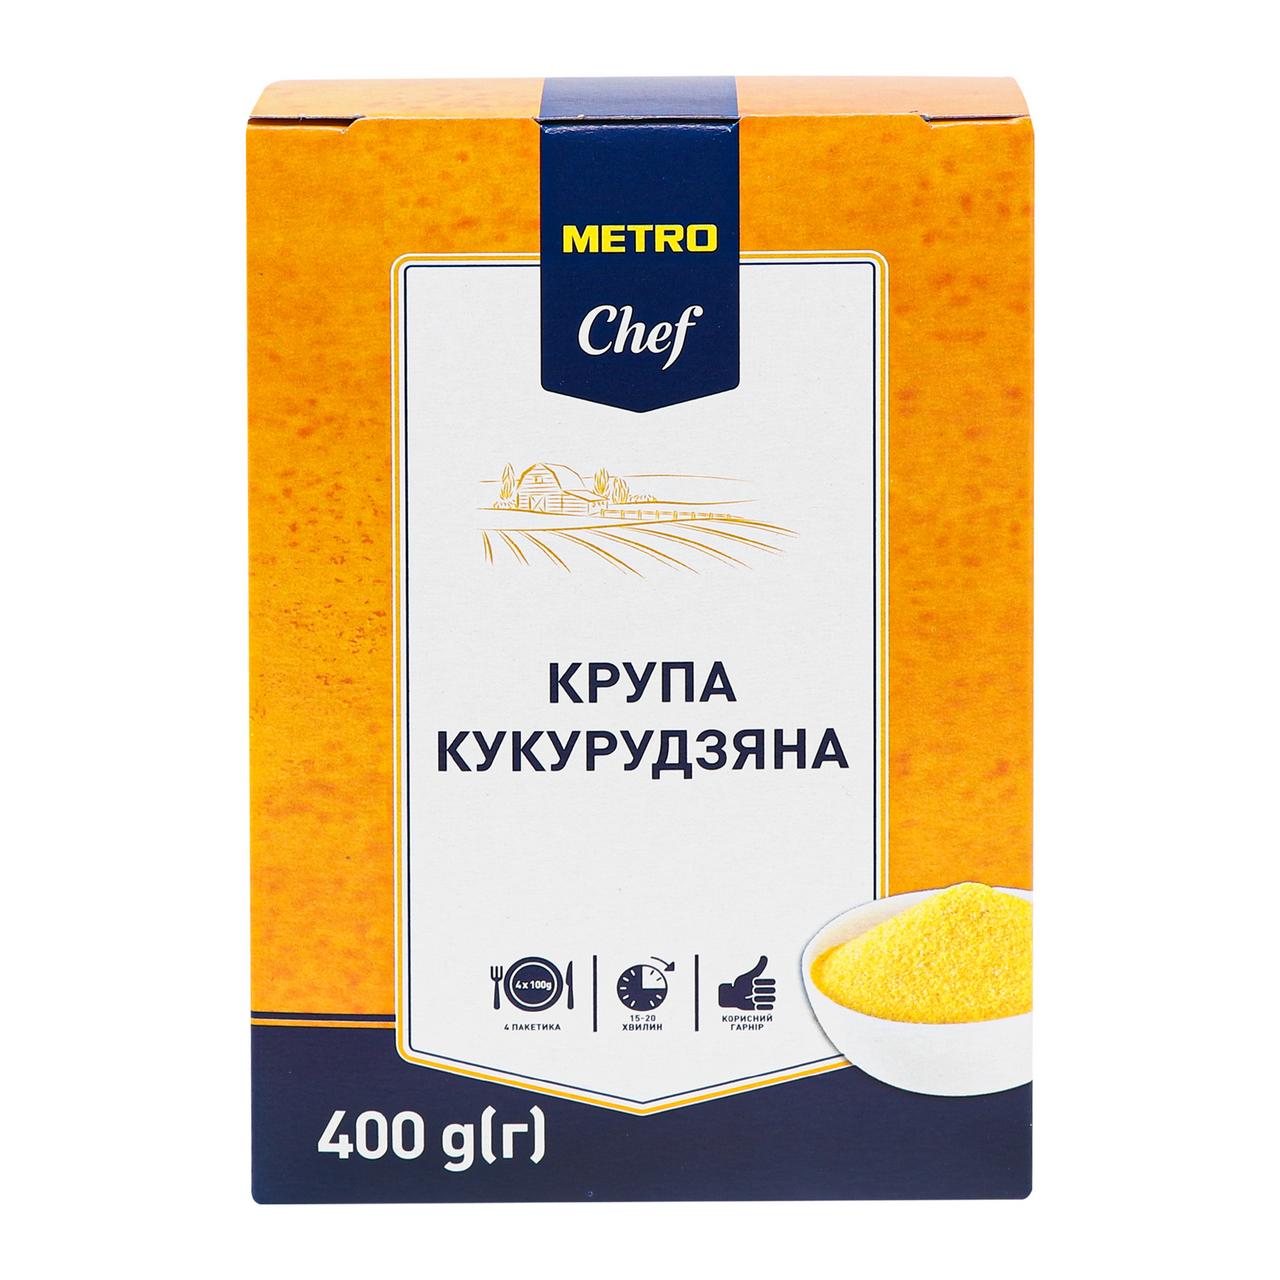 METRO CHEF КРУПА КУКУР 4*100Г